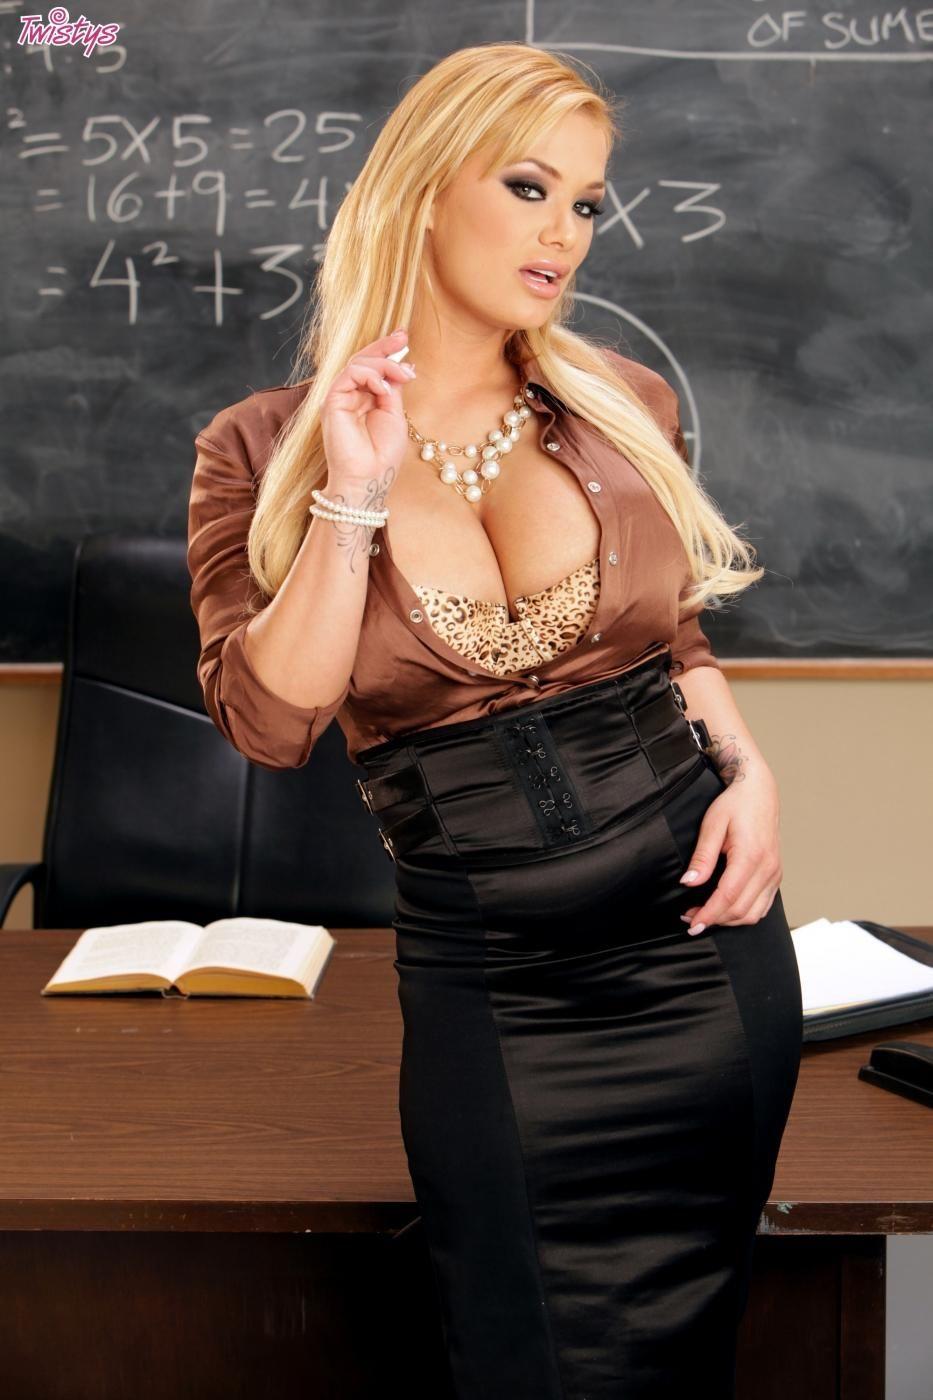 Was and Shyla stylez teacher